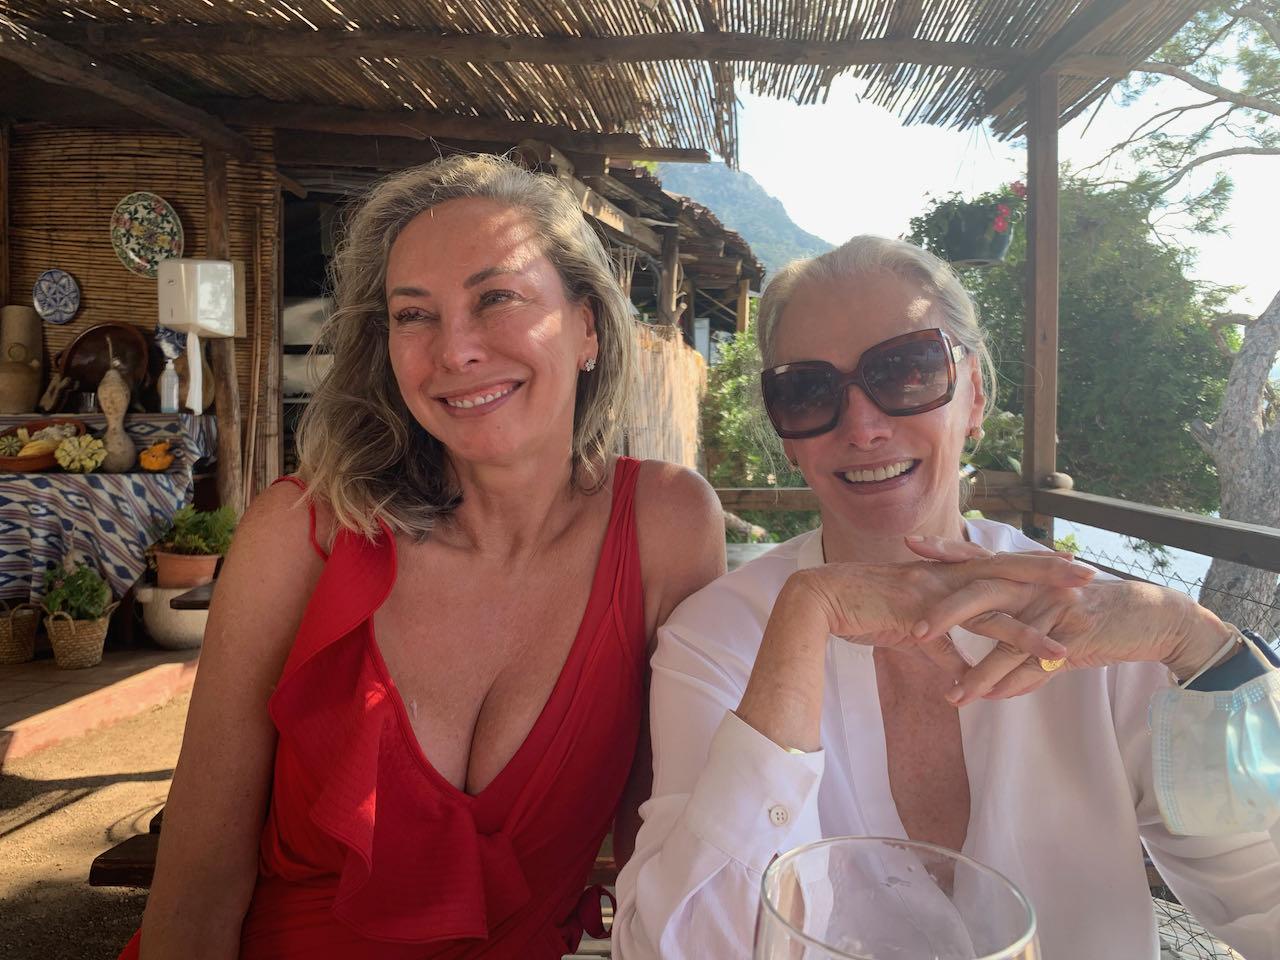 Amanda & Valerie